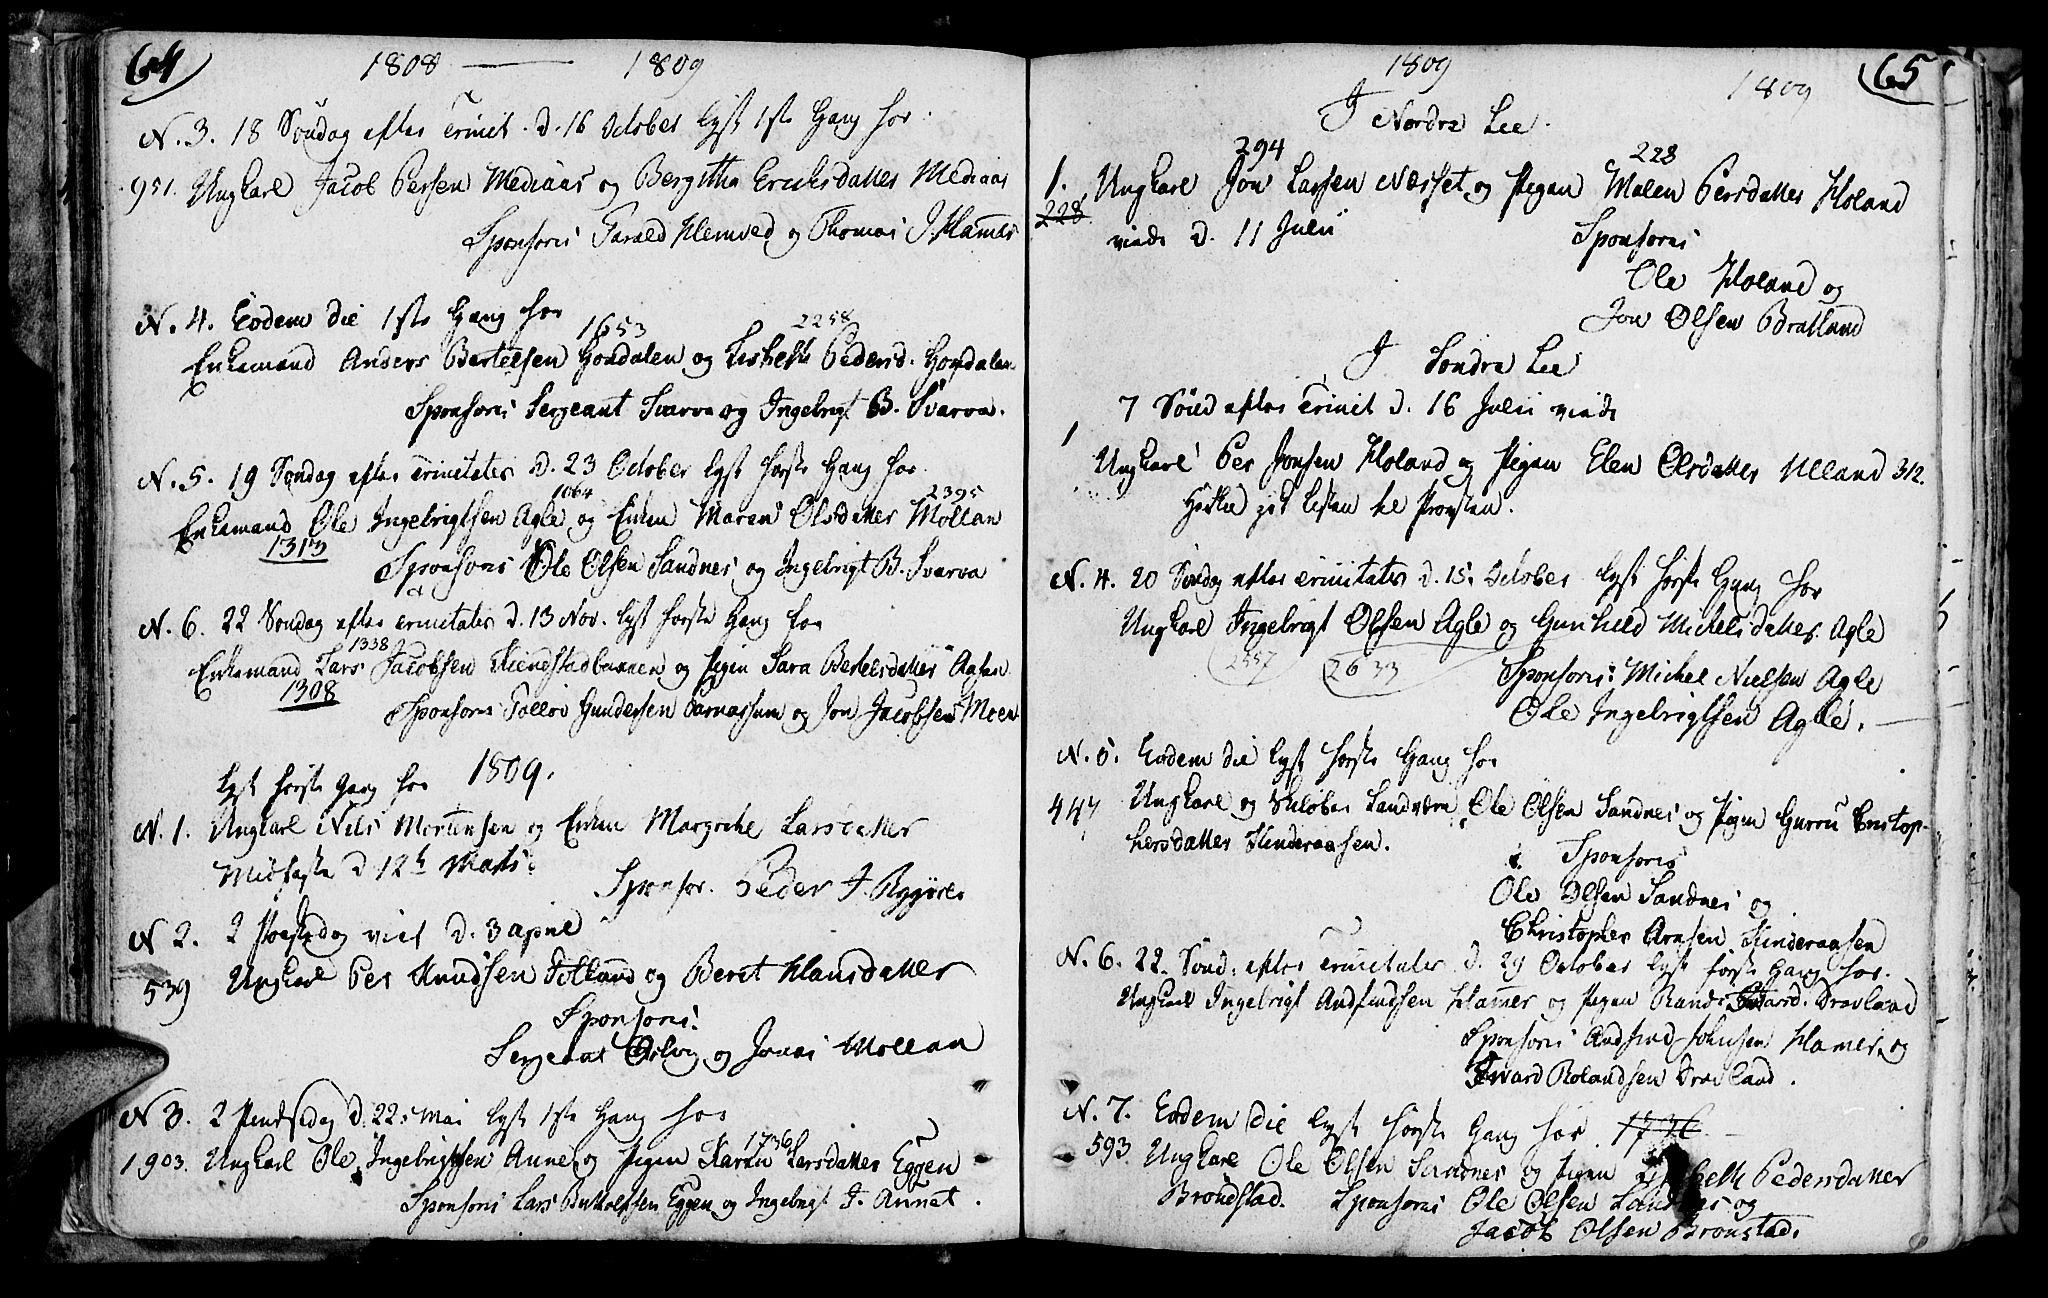 SAT, Ministerialprotokoller, klokkerbøker og fødselsregistre - Nord-Trøndelag, 749/L0468: Ministerialbok nr. 749A02, 1787-1817, s. 64-65